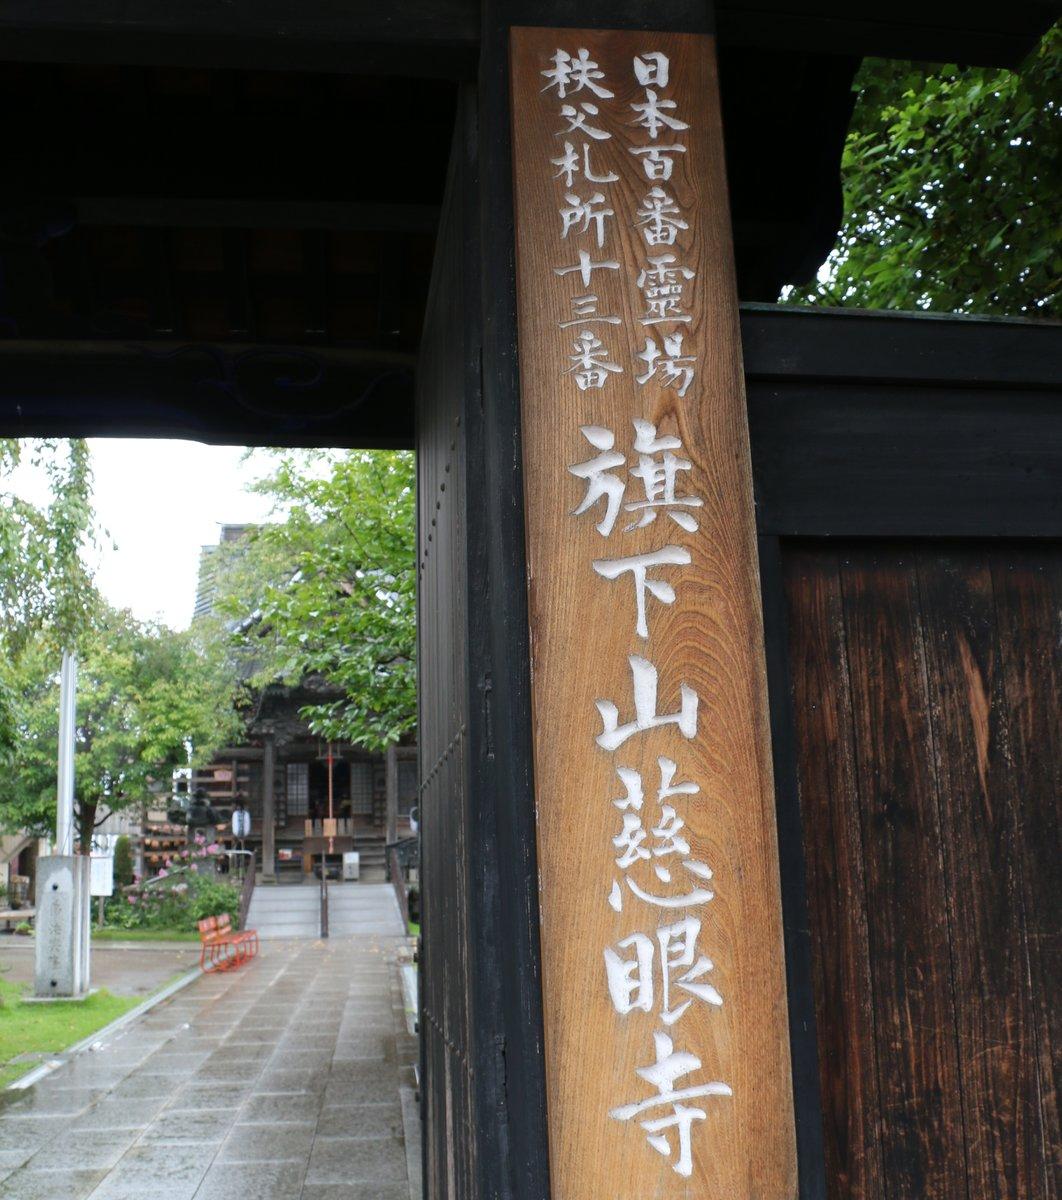 旗下山慈眼寺(きかざんじげんじ)